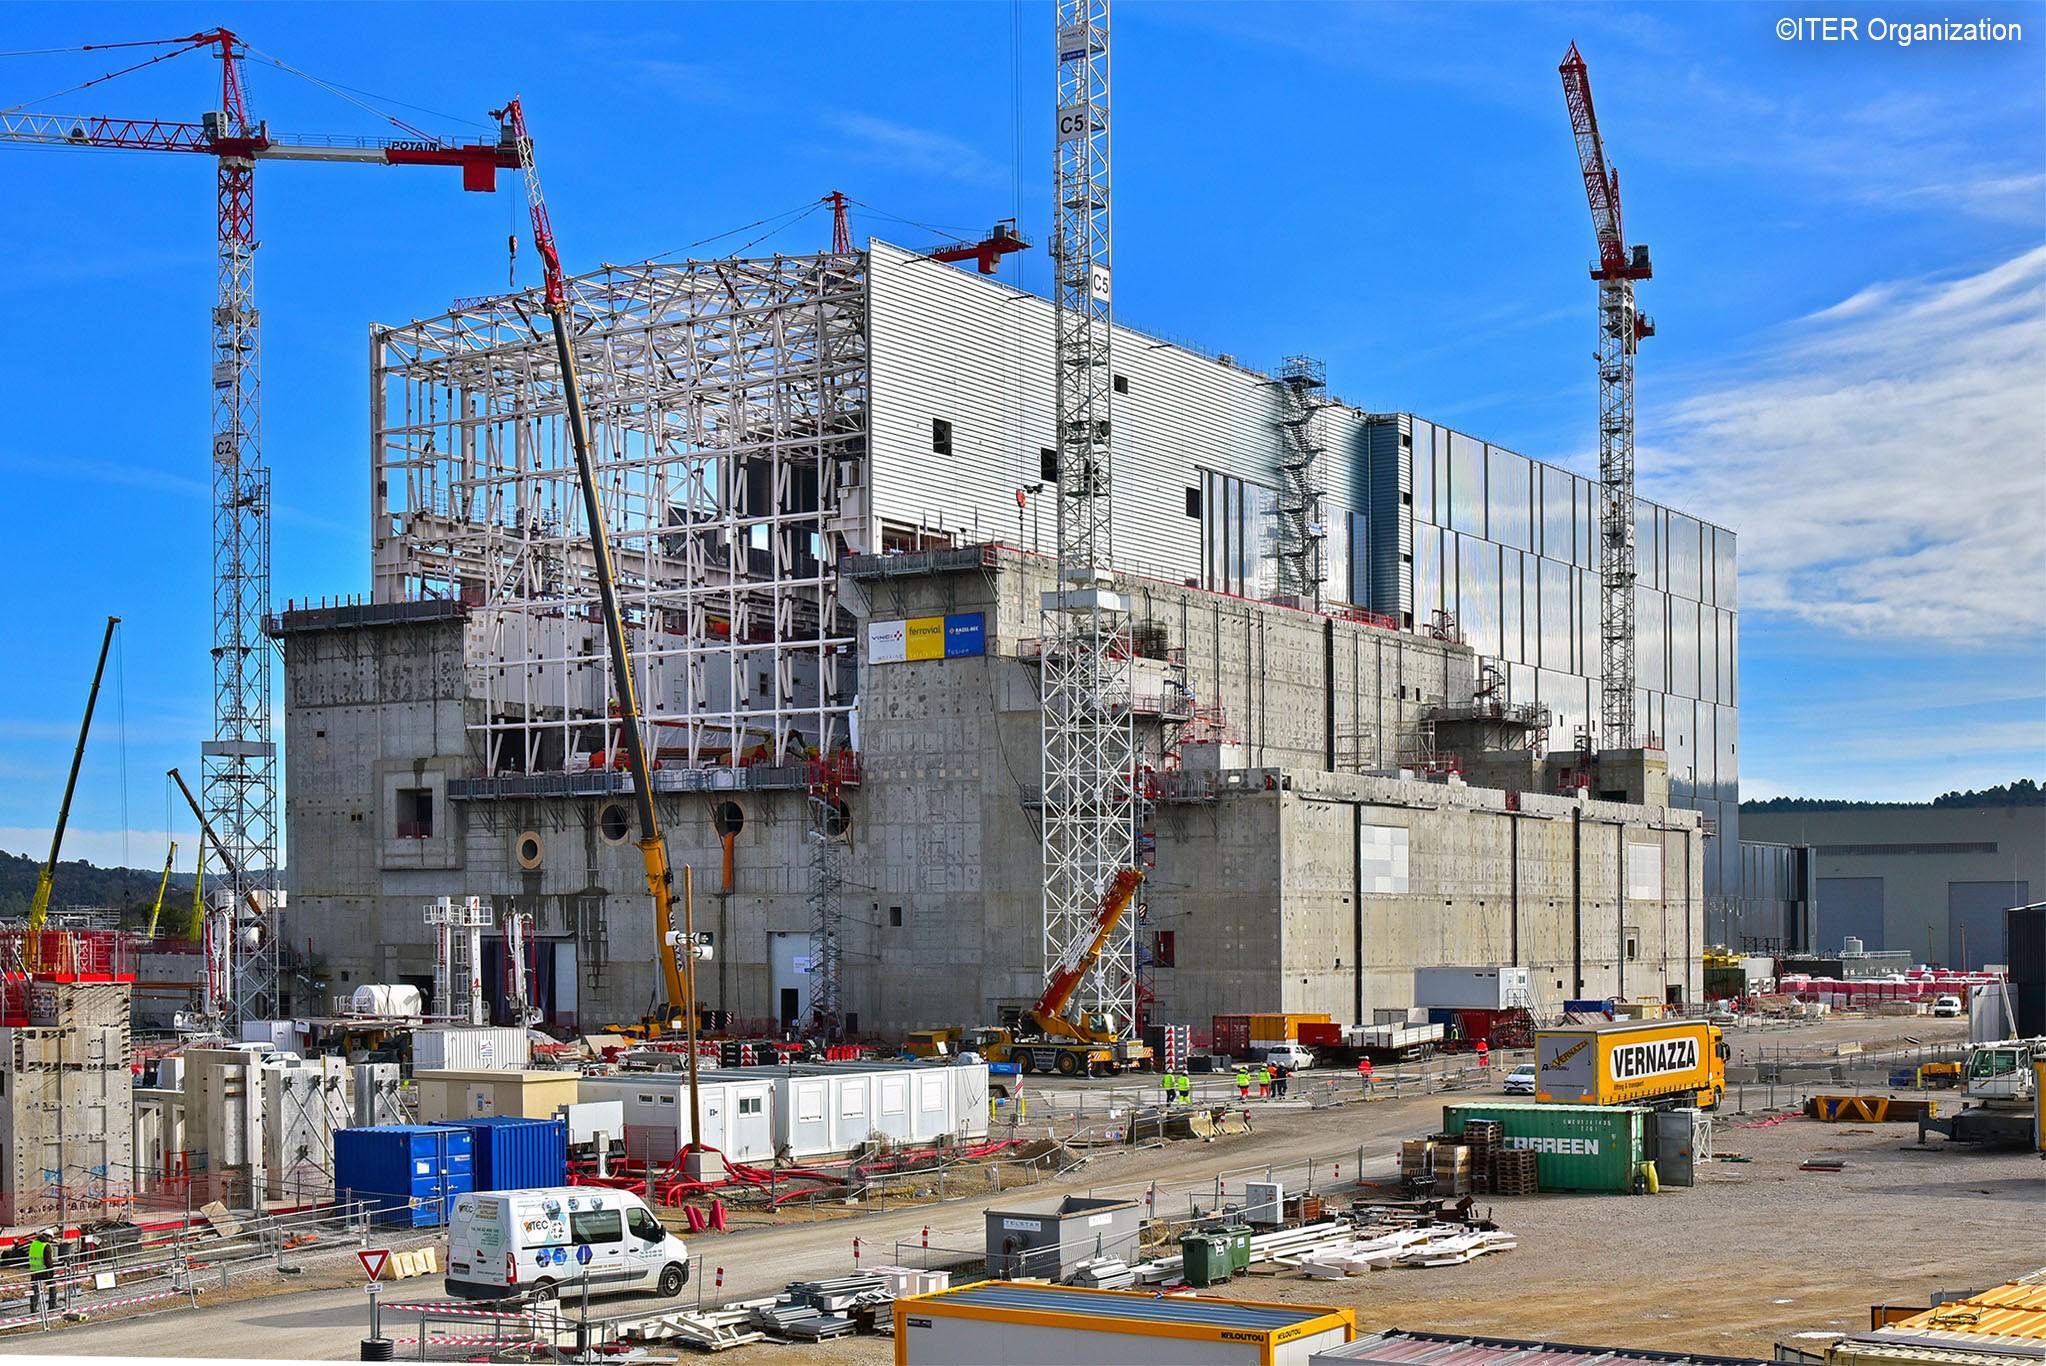 ITER建設サイトの状況(2020年2月現在)